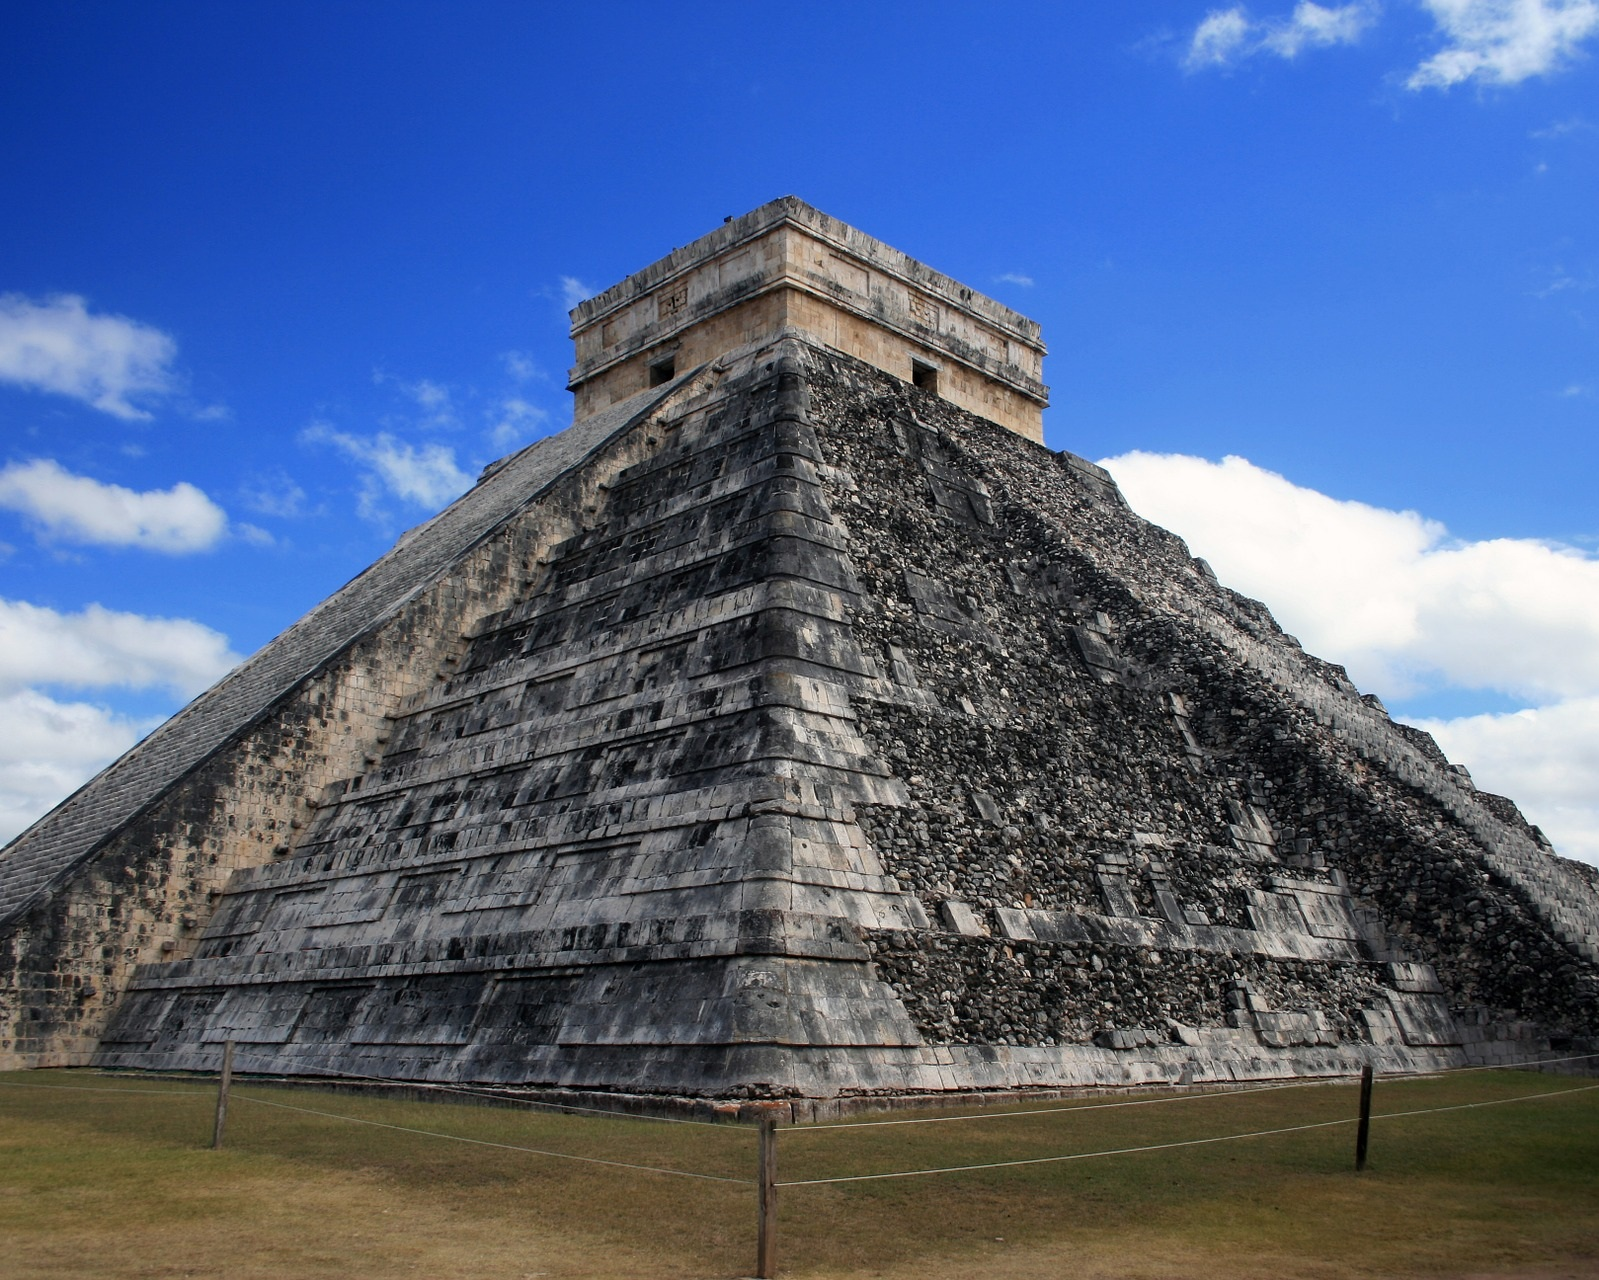 pyramid-931742_1920.jpg